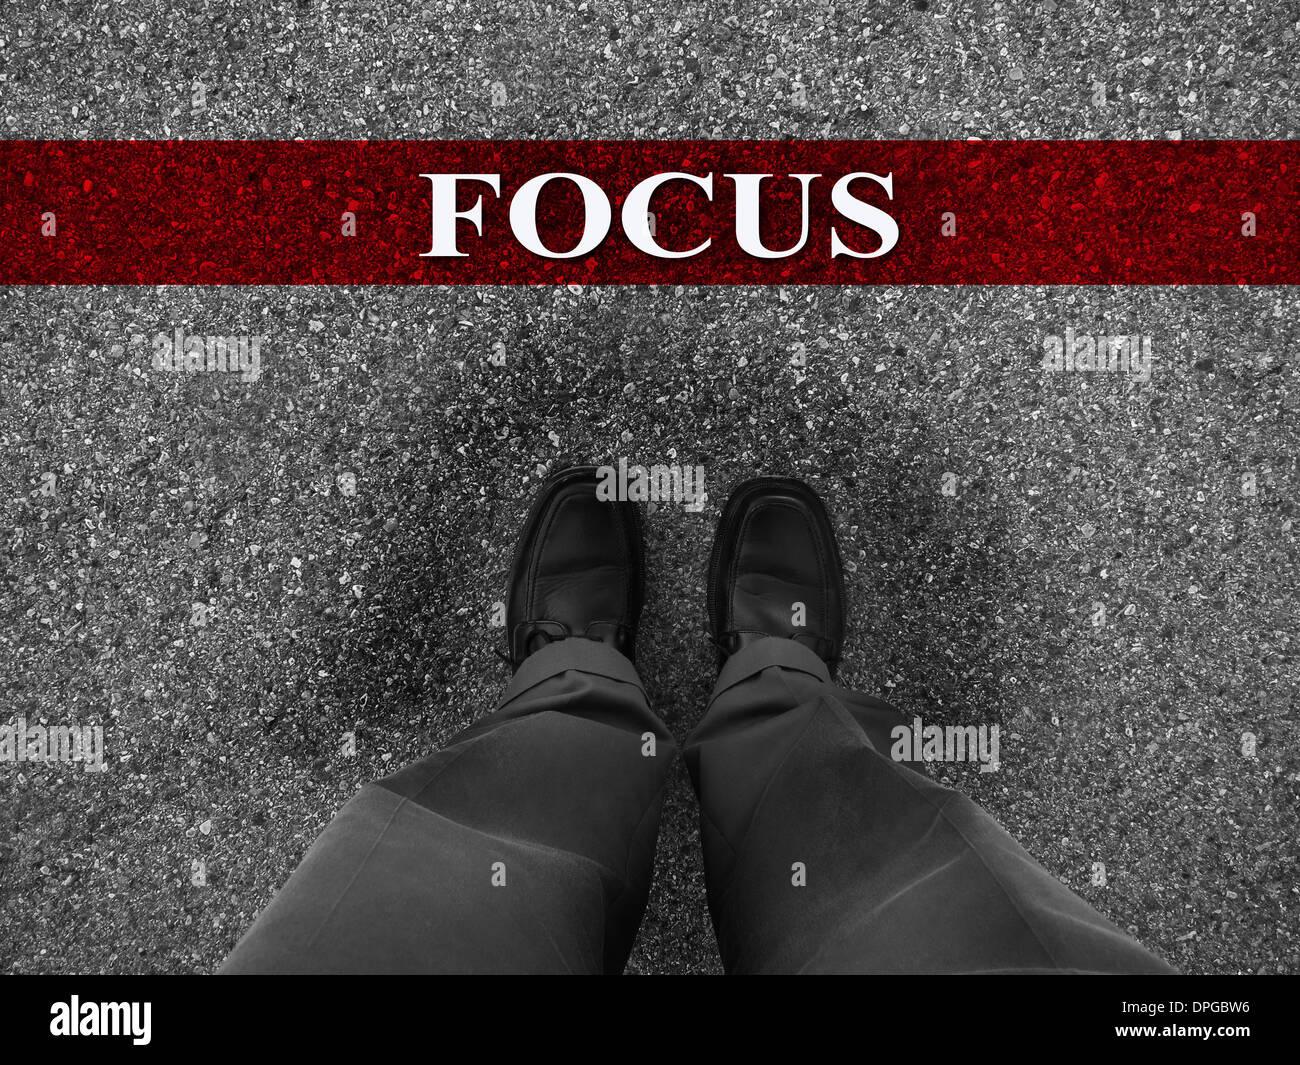 Empresario de pie sobre asfalto con motivación starting line palabra de Focus Imagen De Stock